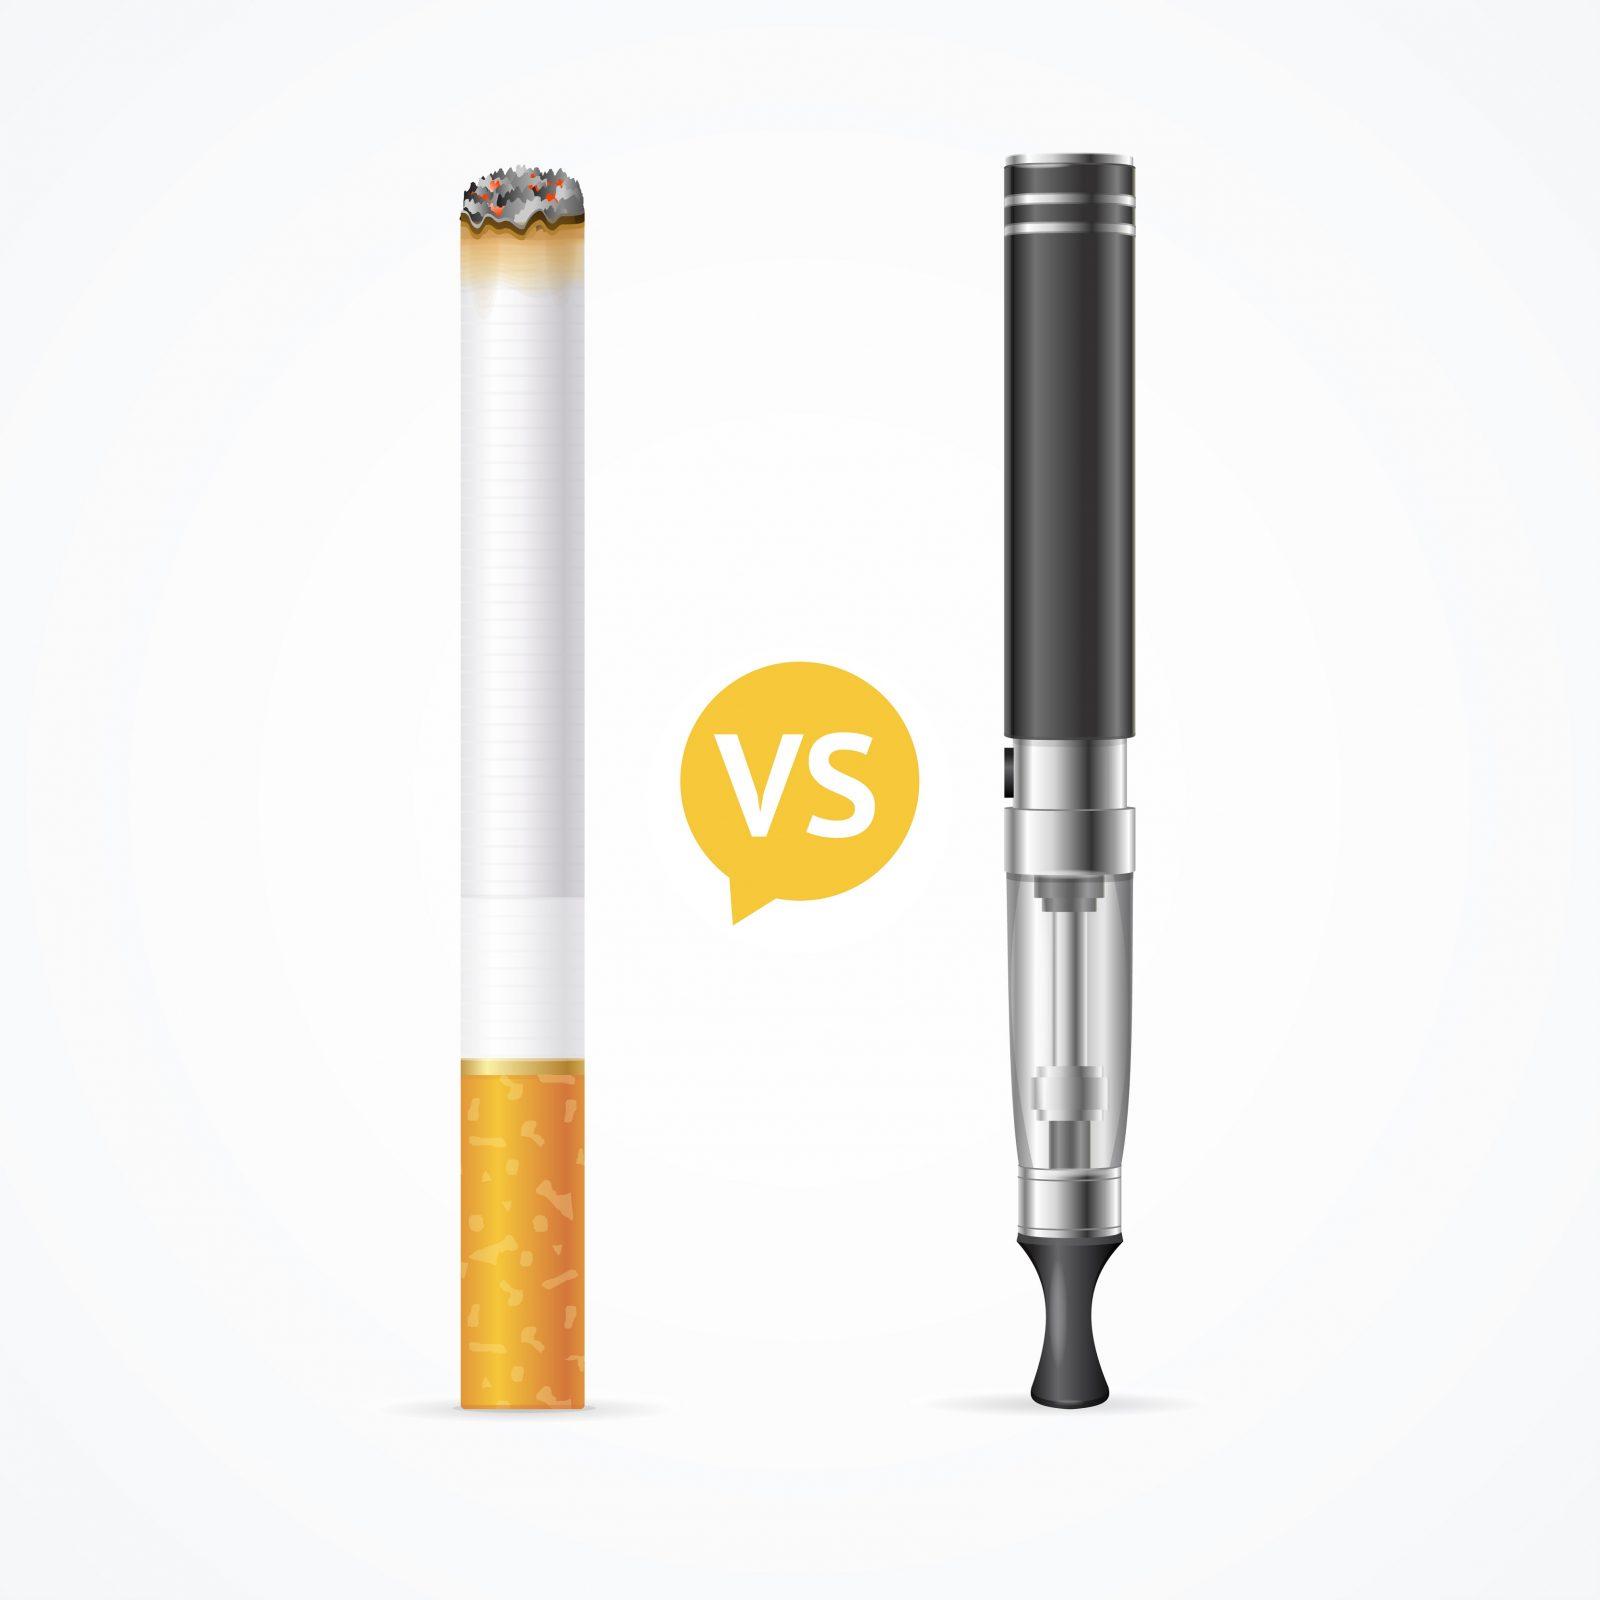 آیا نیکوتین موجود در سیگار با ویپ فرق زیادی دارد؟